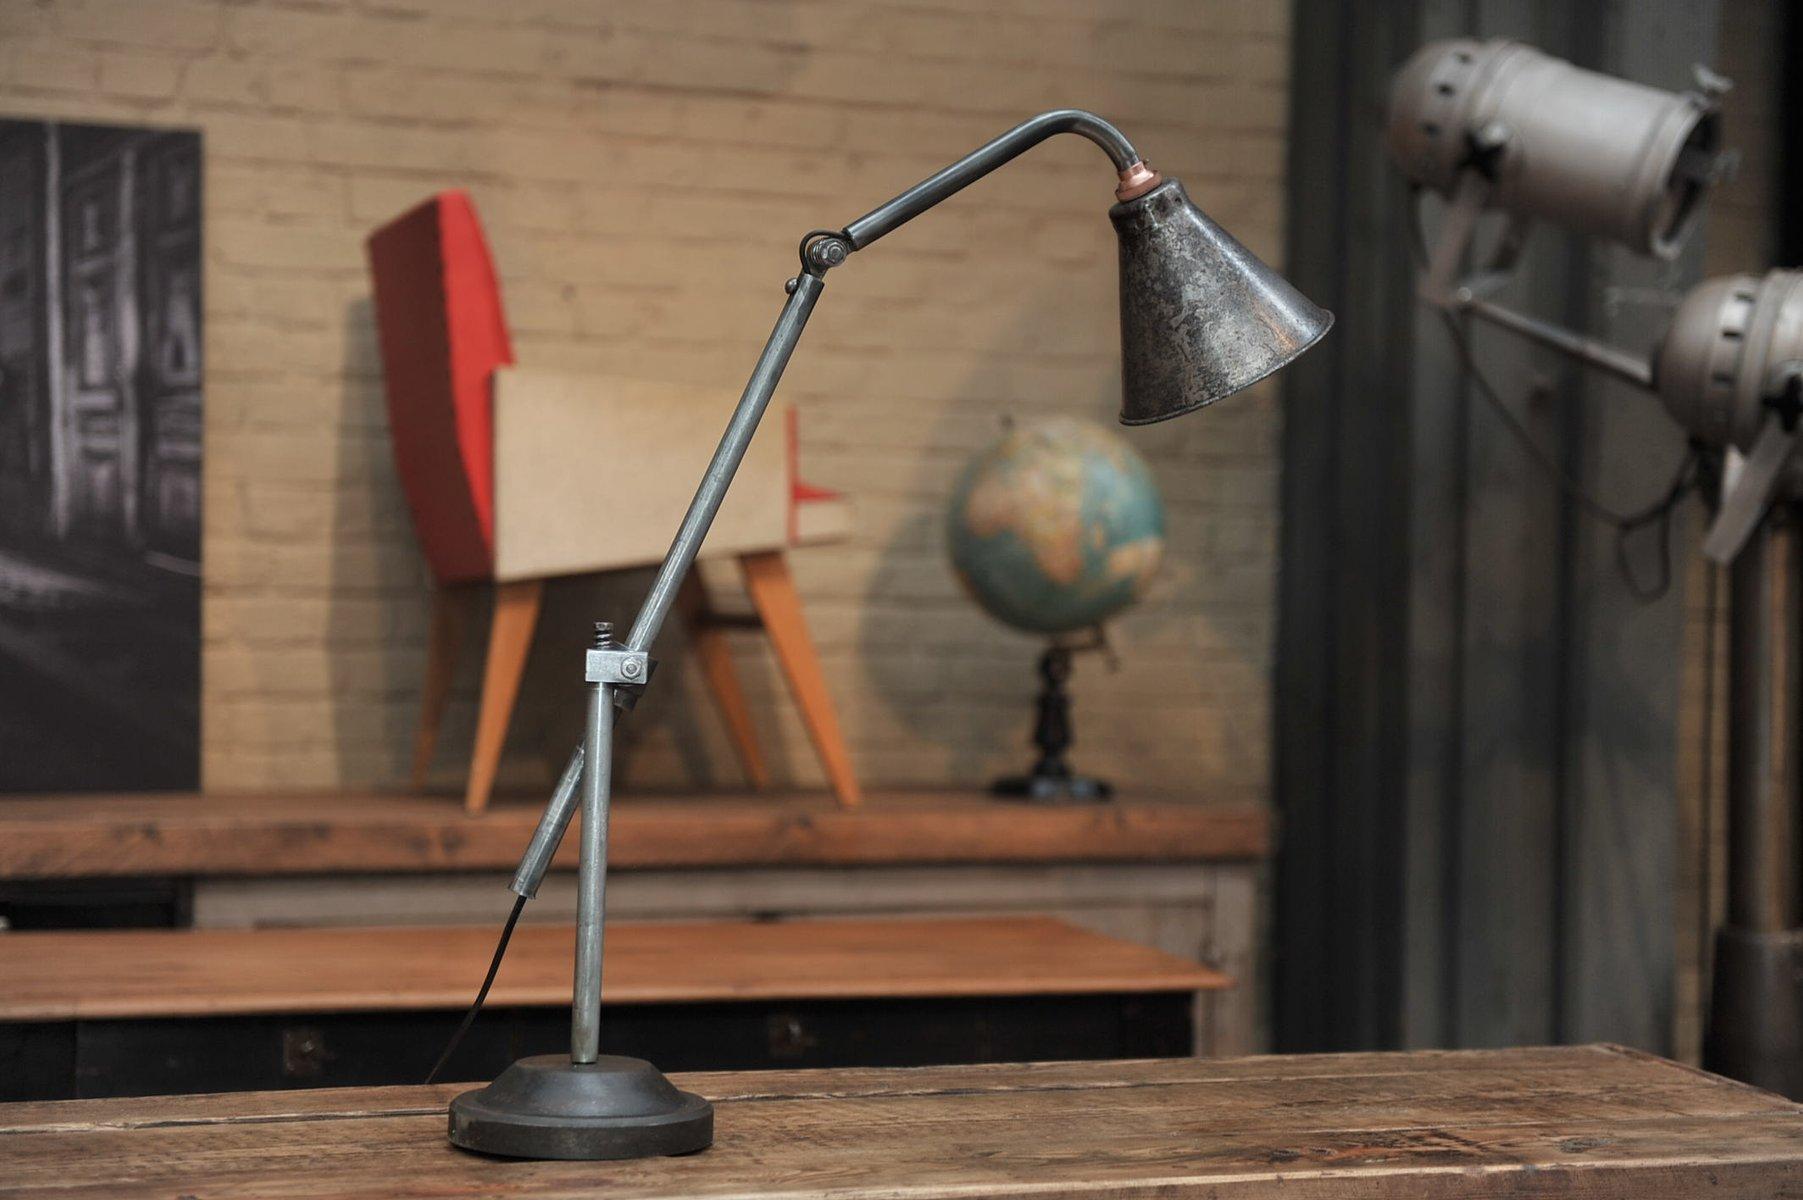 Lampe de bureau articul e industrielle france 1930s en vente sur pamono - Lampe articulee industrielle ...